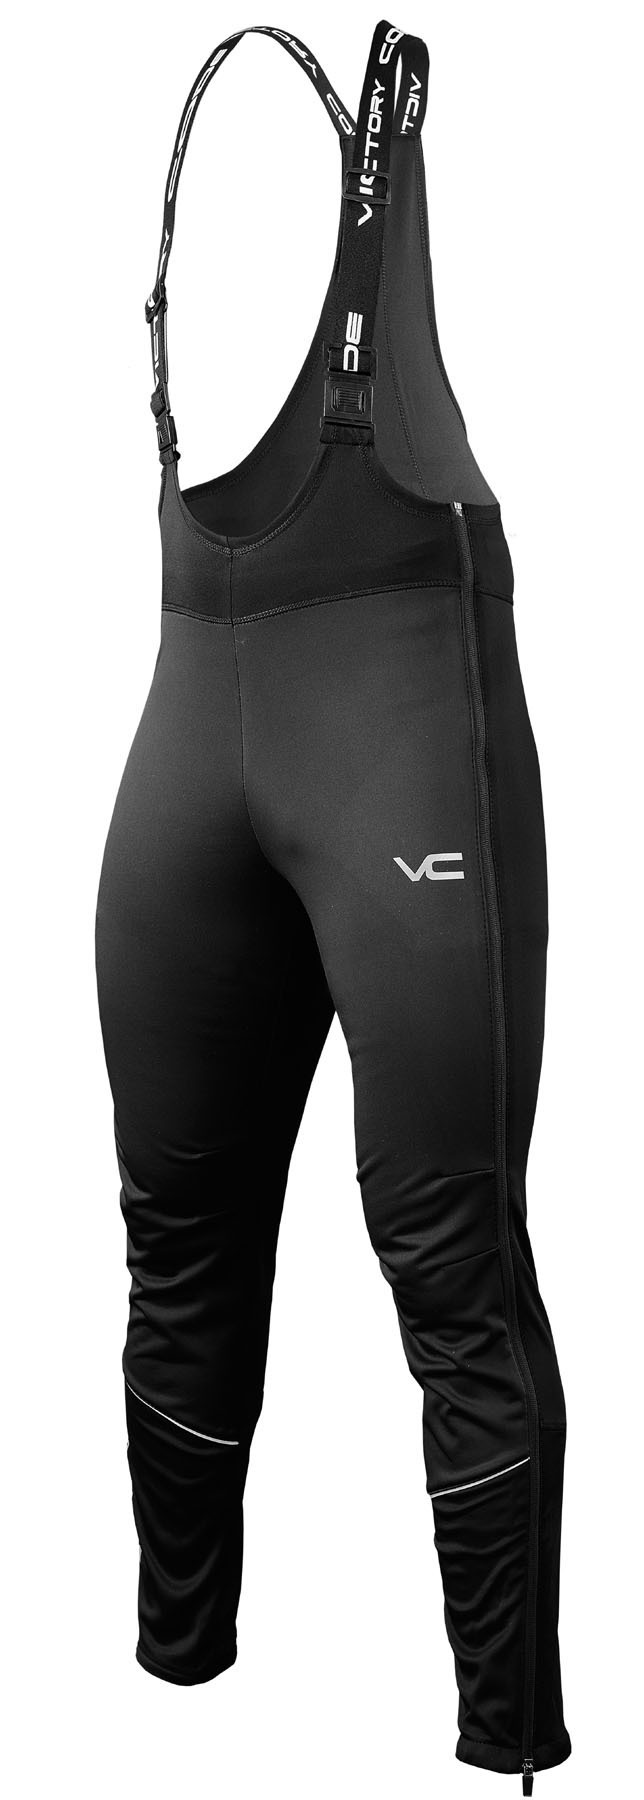 Victory Code Dynamic Warm разминочный лыжный костюм со спинкой blue - 4